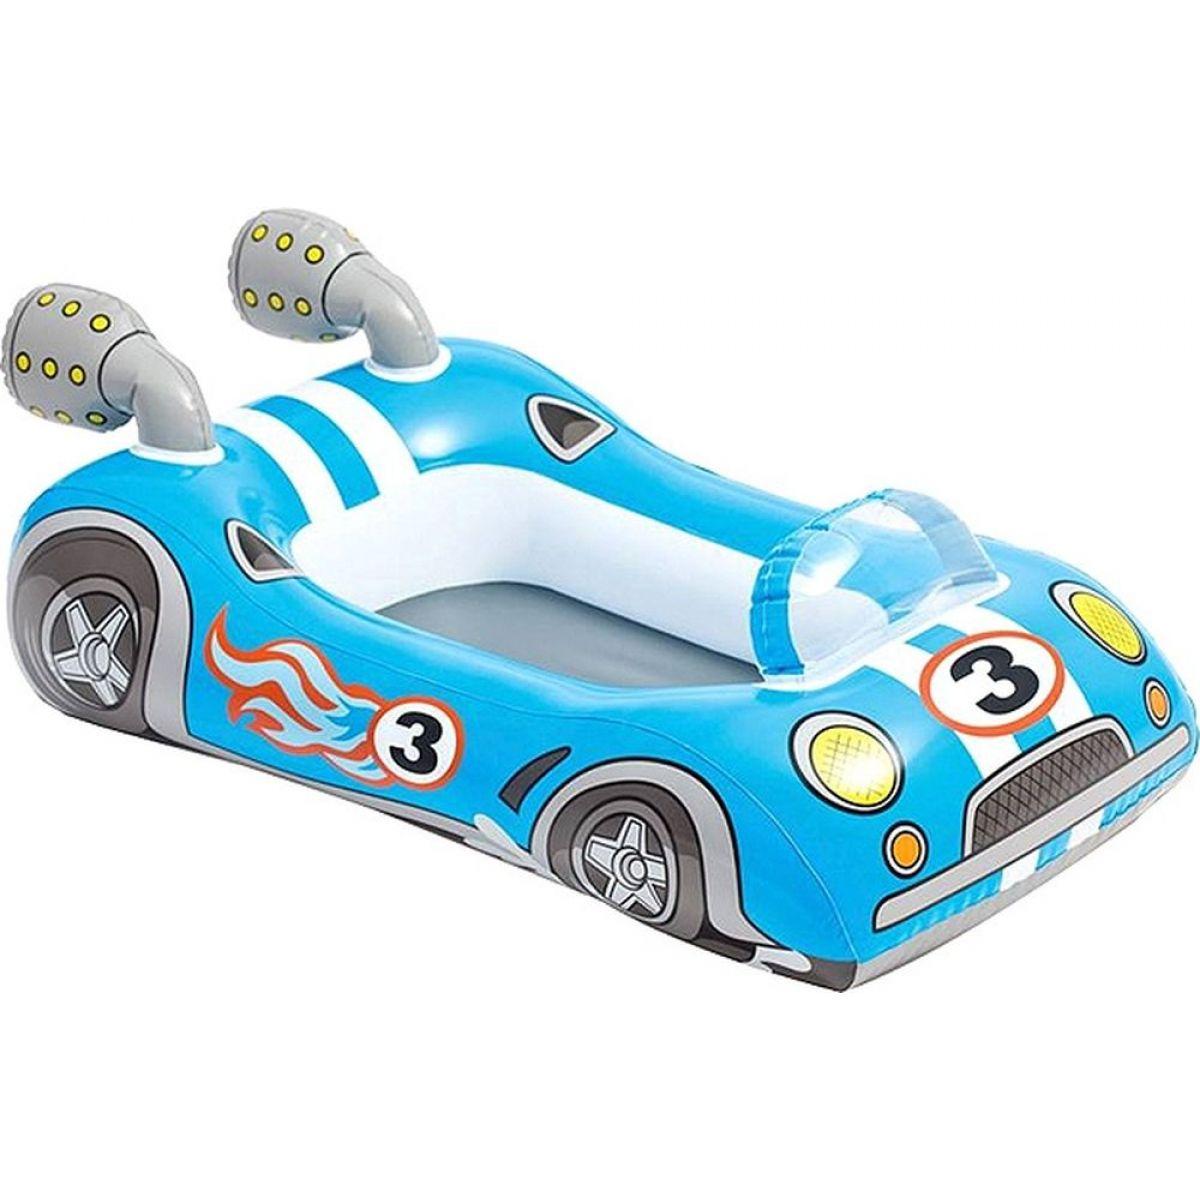 Člun dětský Intex 59380 - Závodní auto modré